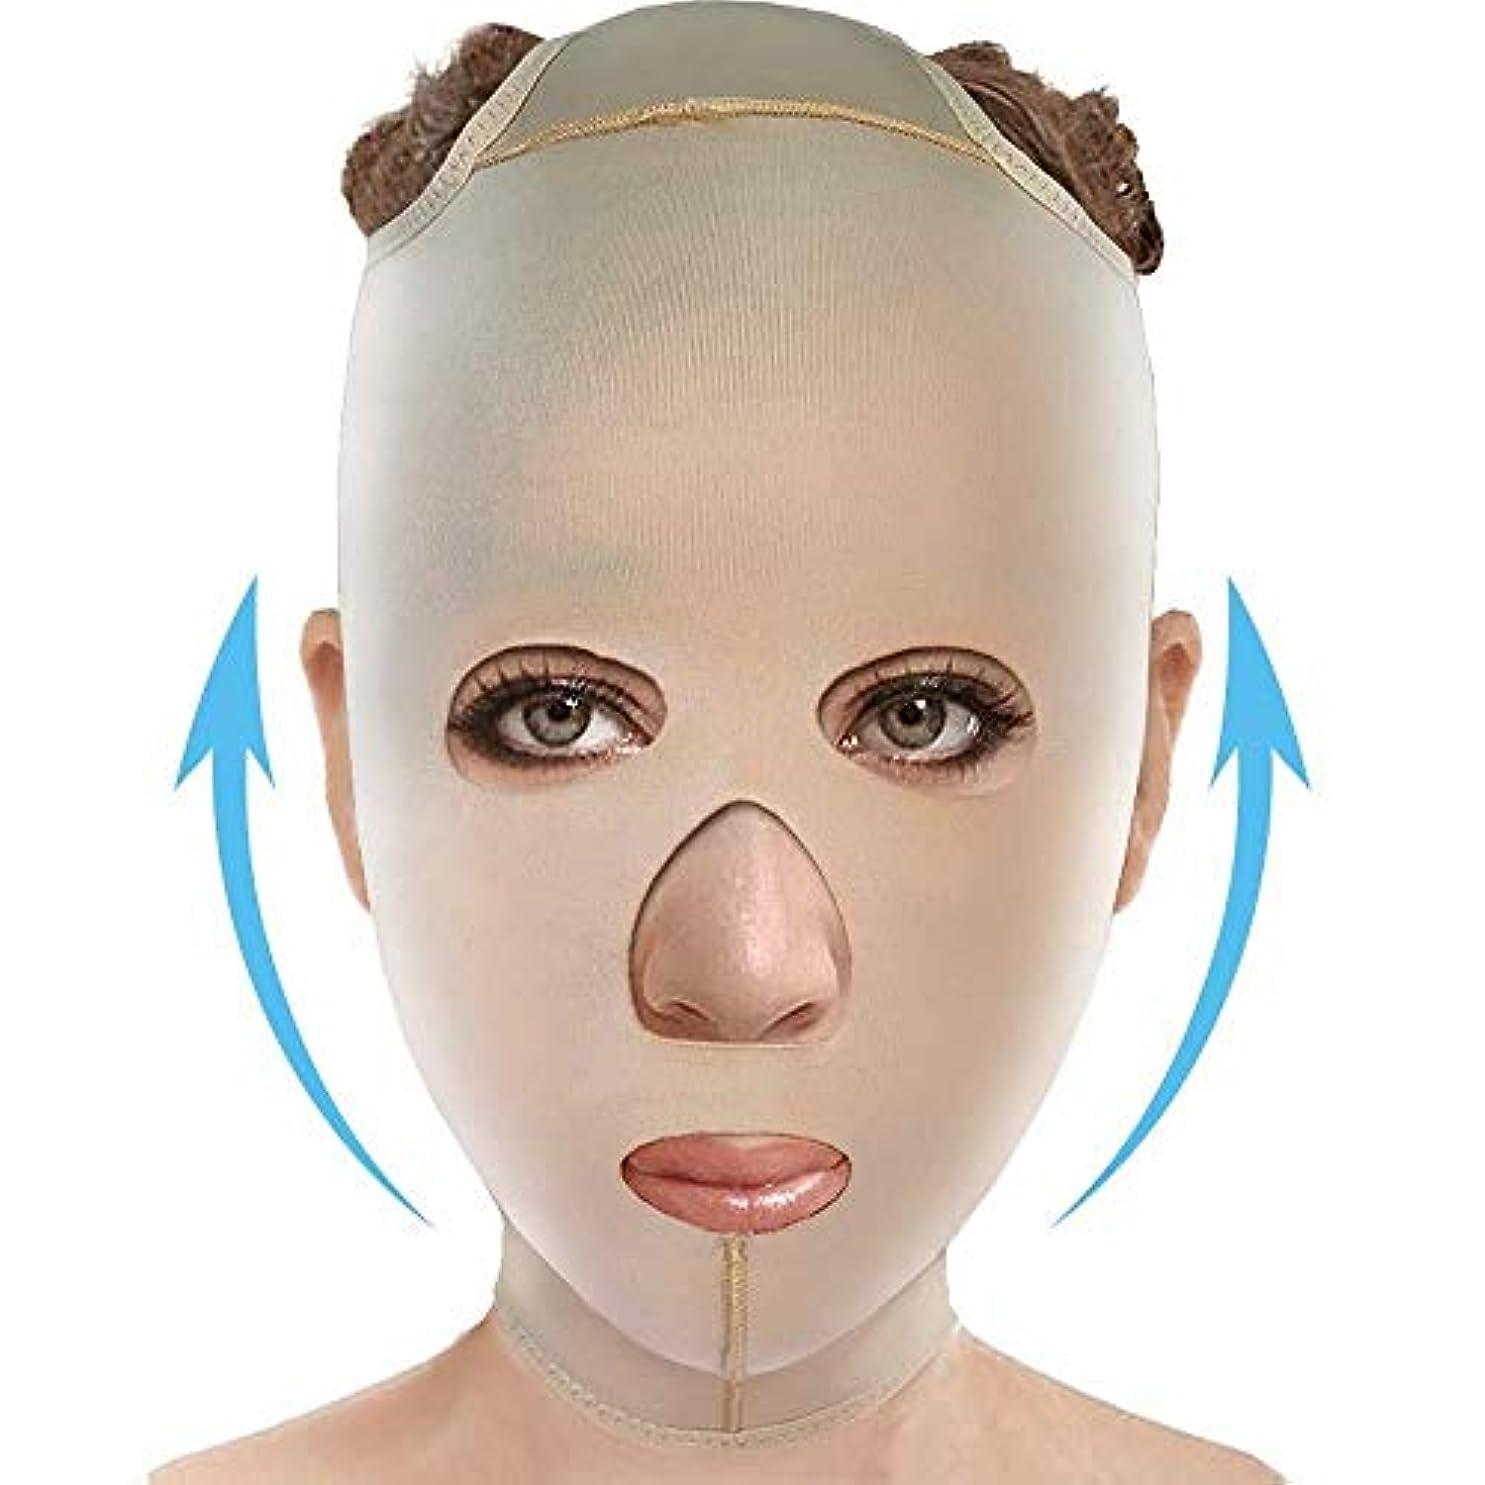 韓国語公パンサーJN フェイスリフティングベルト、美容フェイシャル?アンチリンクル収縮二重顎顔面整形アーティファクト、4つのサイズをファーミングVフェイス?フェイシャルリフティングマスク たるみ防止マスク (Size : M)